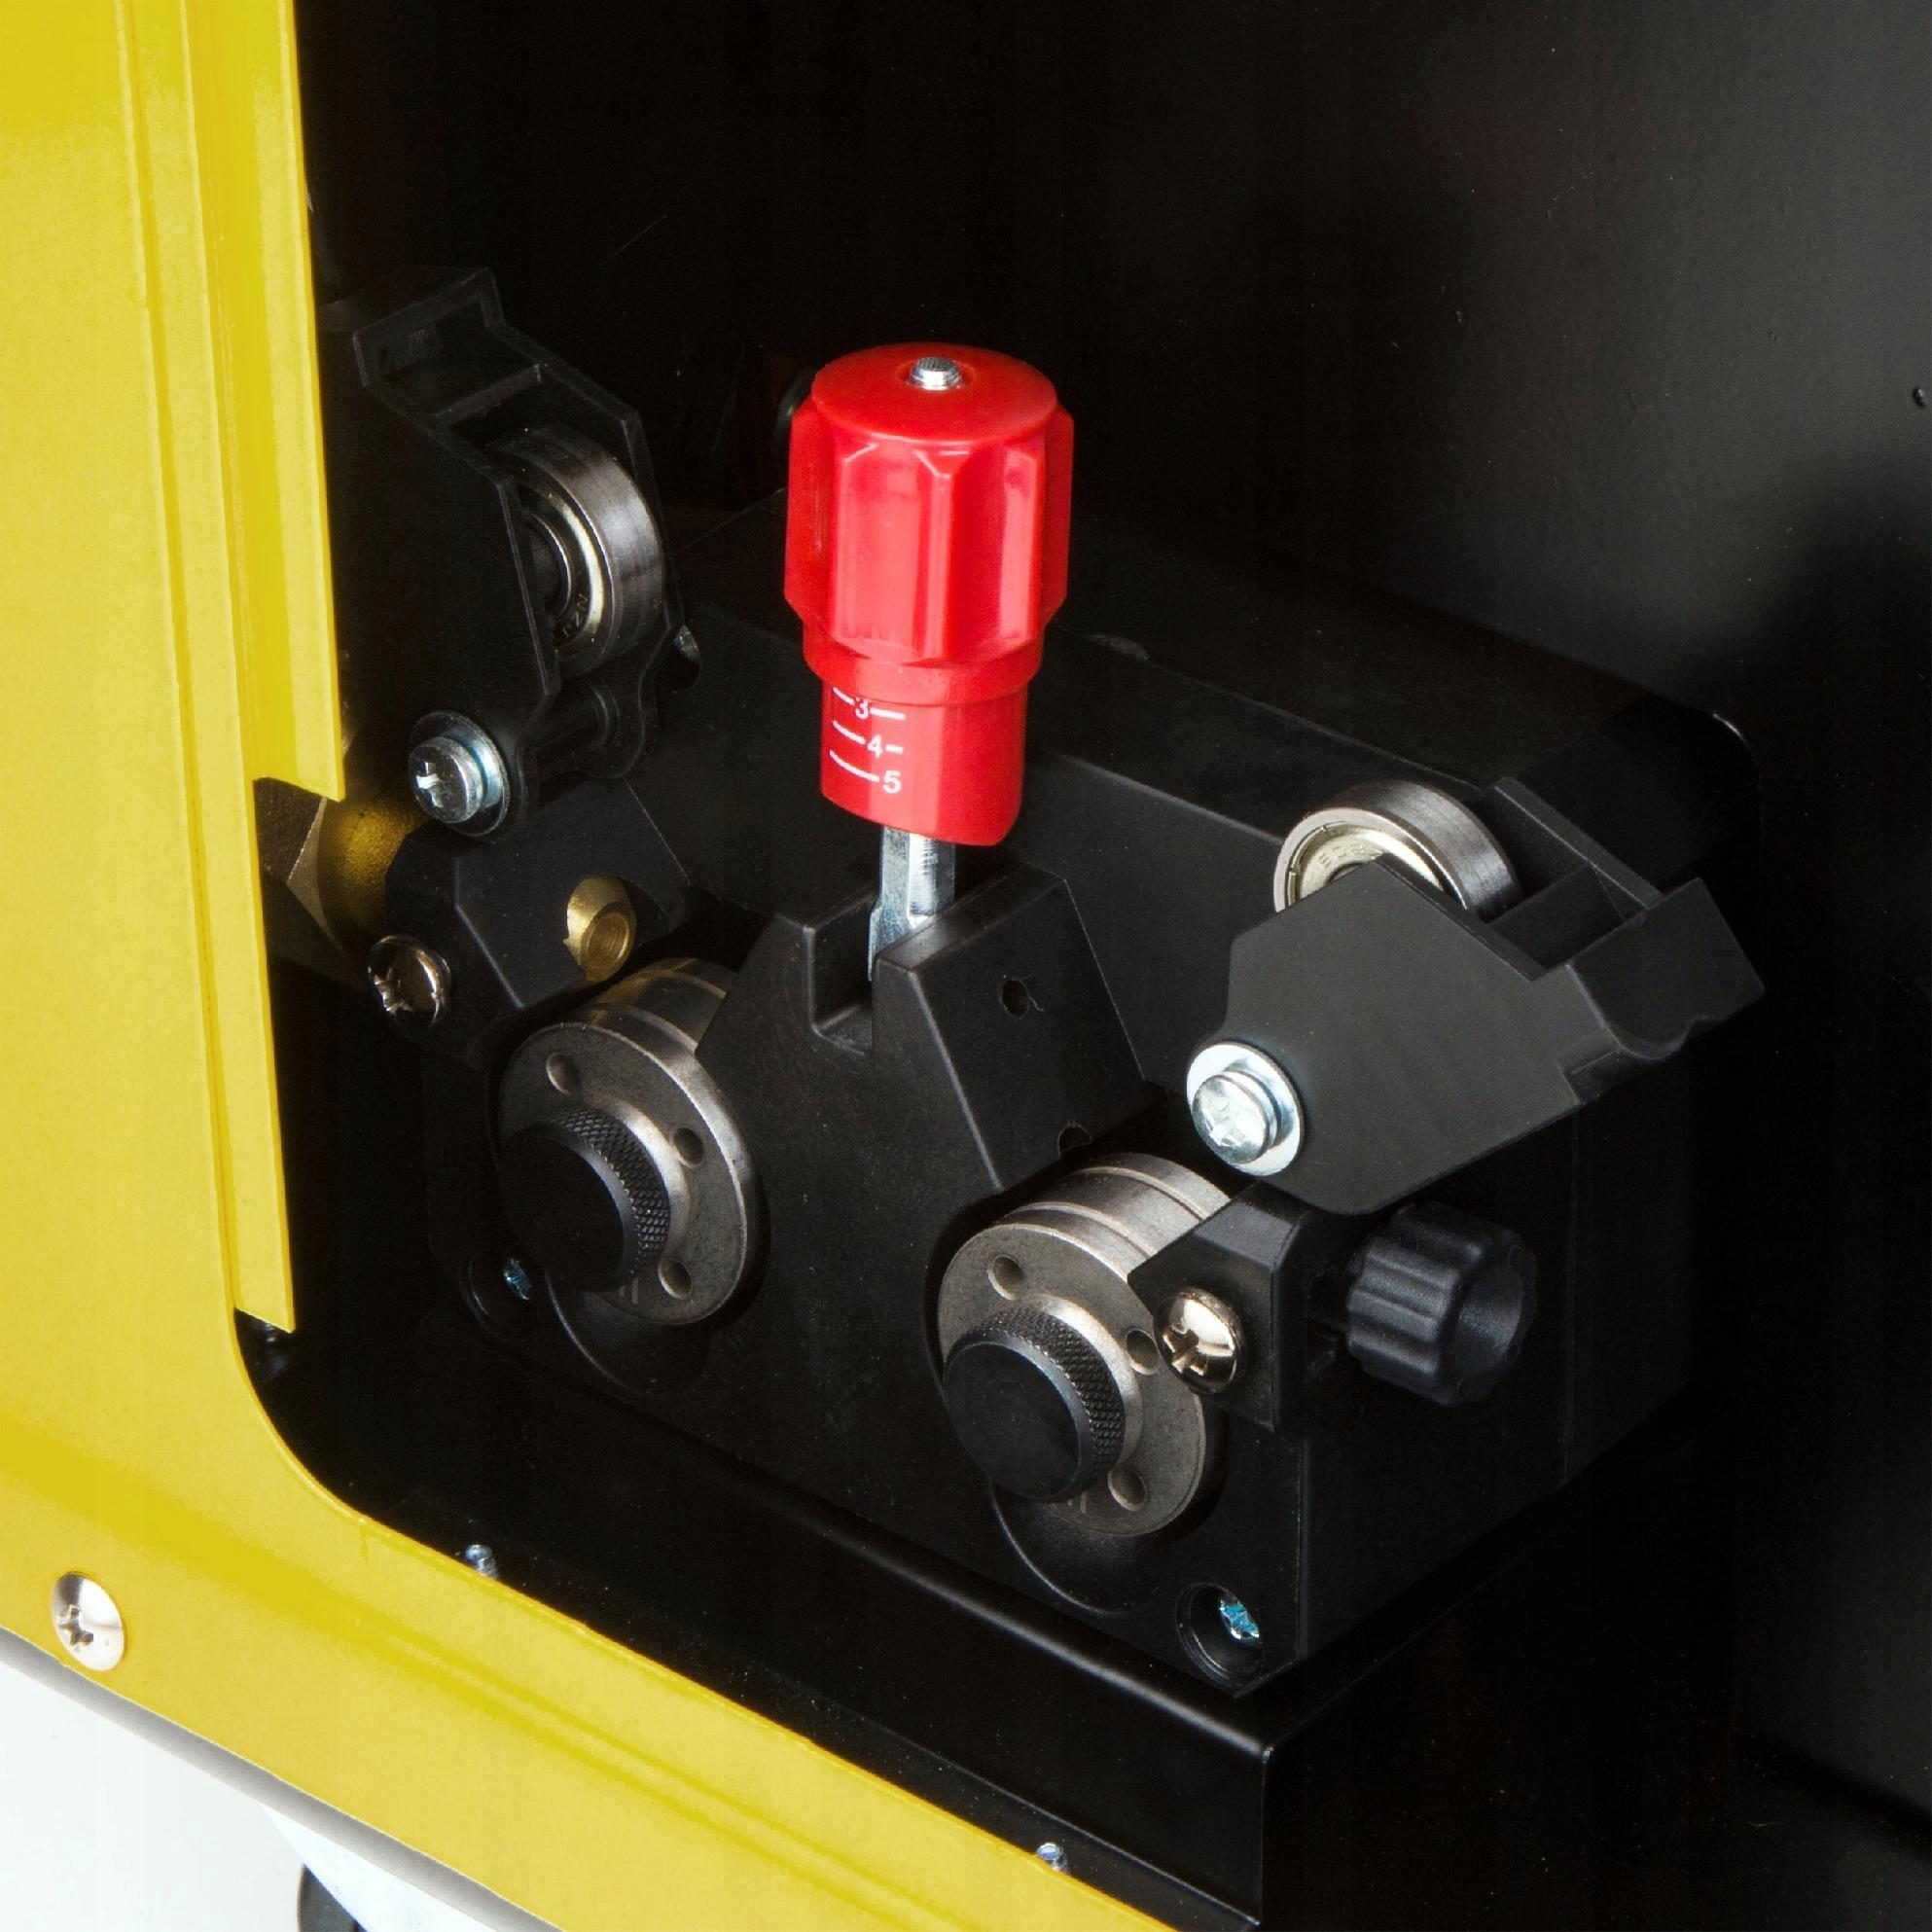 Spawarka MIGOMAT MAGNUM MIG MAG 240 PULS SYNERGIA Waga urządzenia 16.4 kg